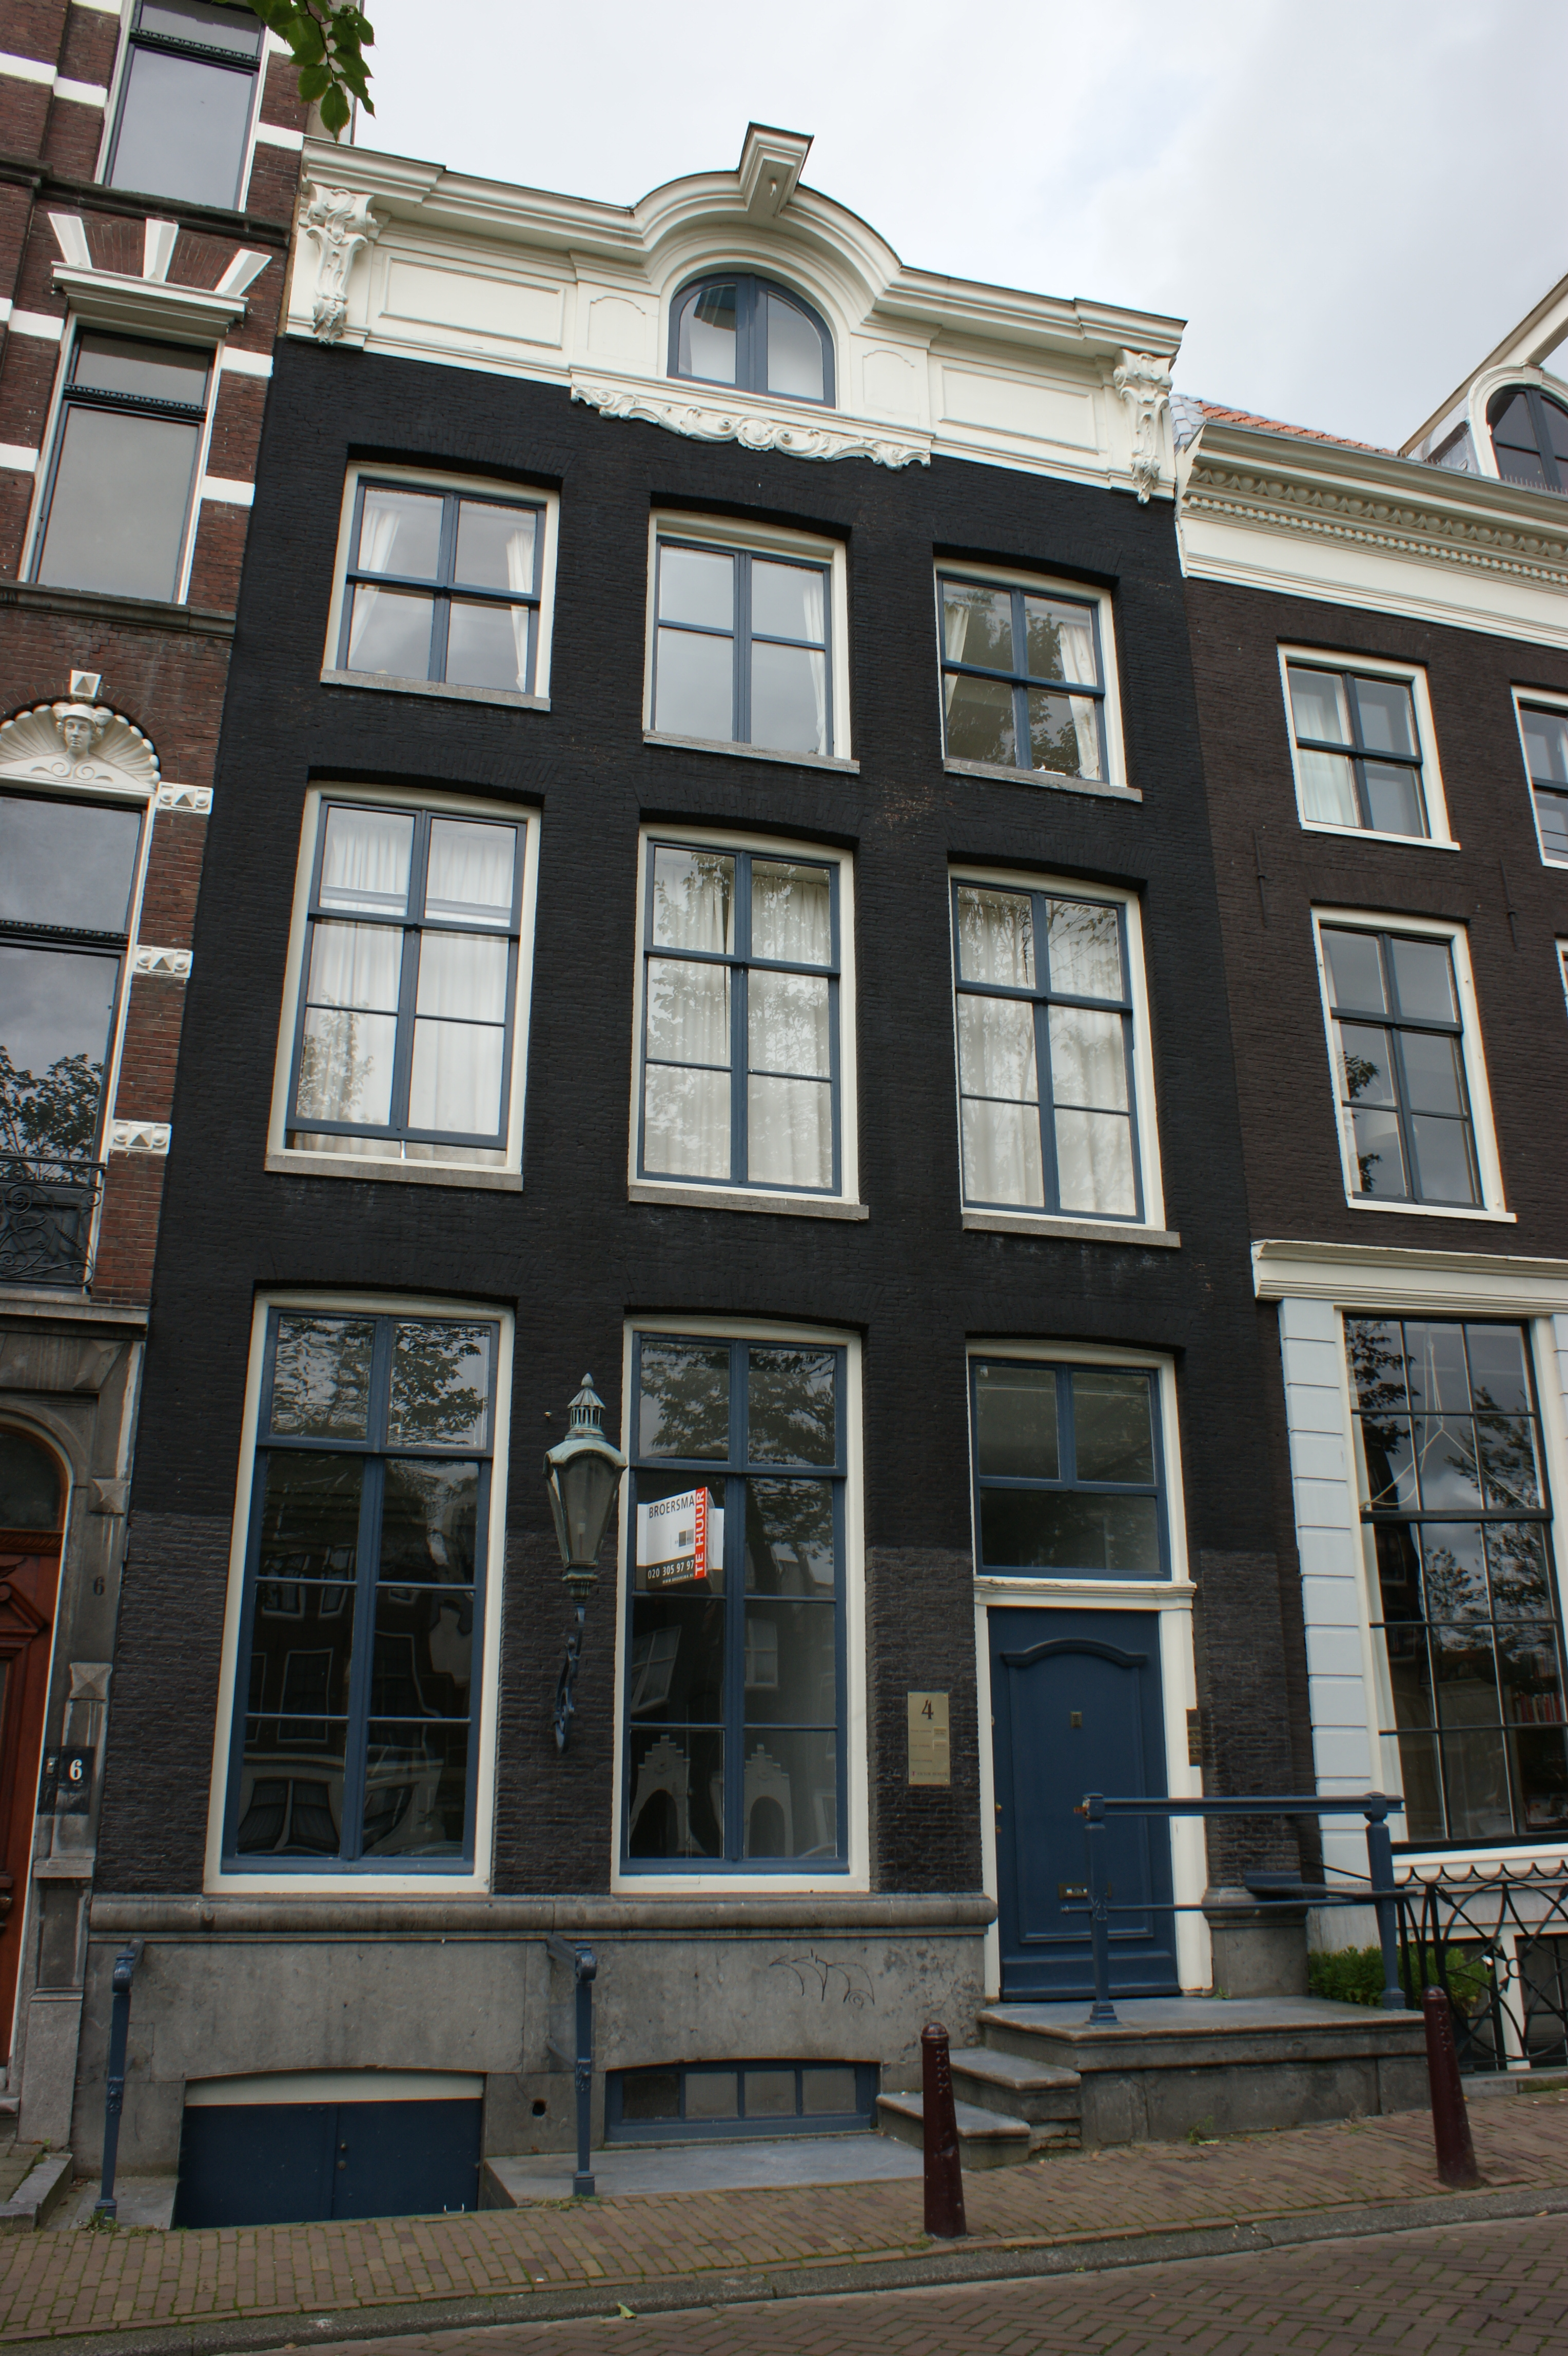 Huis met gevel onder verhoogde lijst met consoles in amsterdam monument - Huis gevel ...